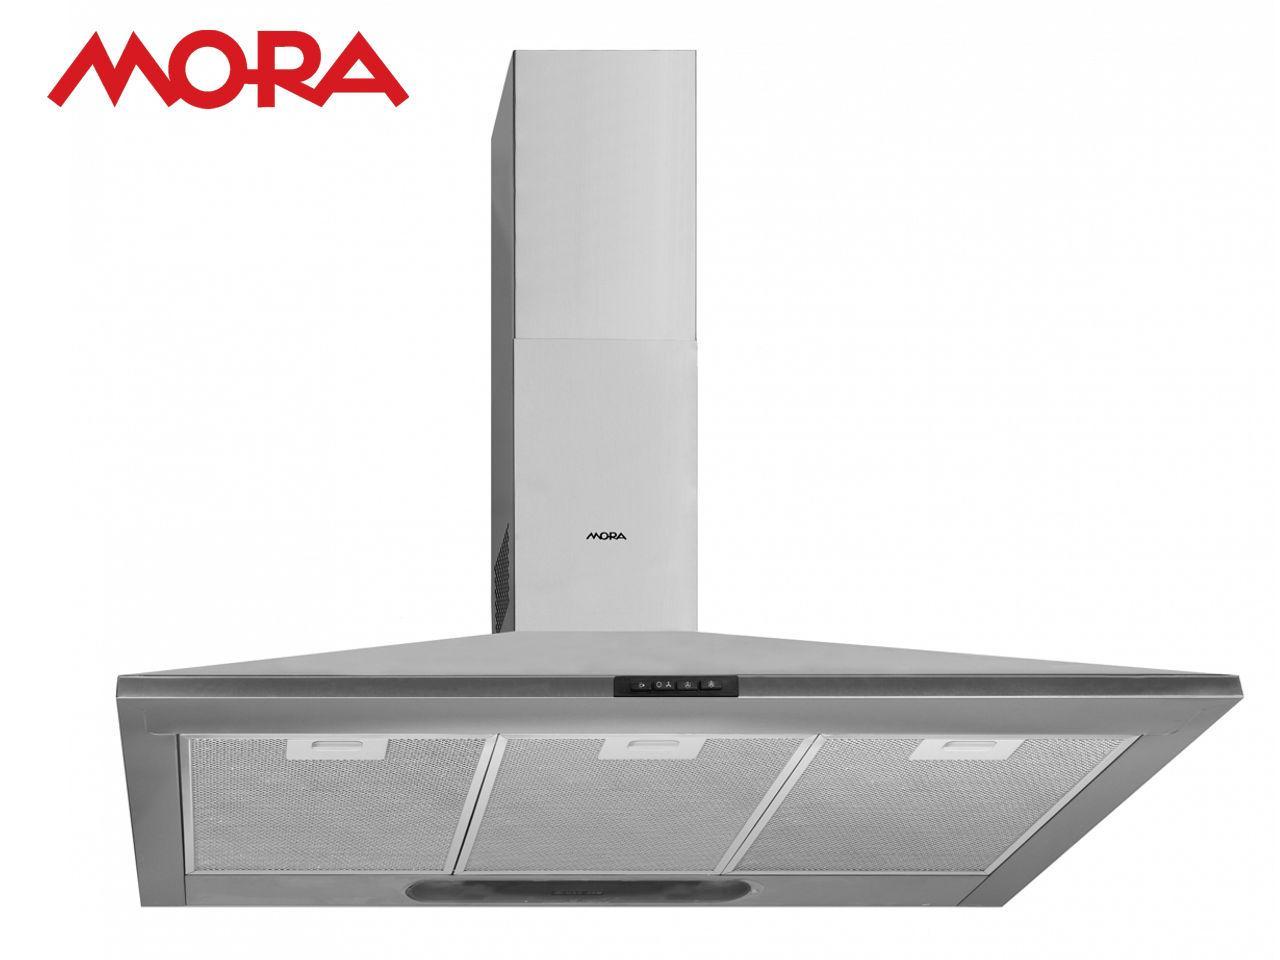 MORA OK 933 X